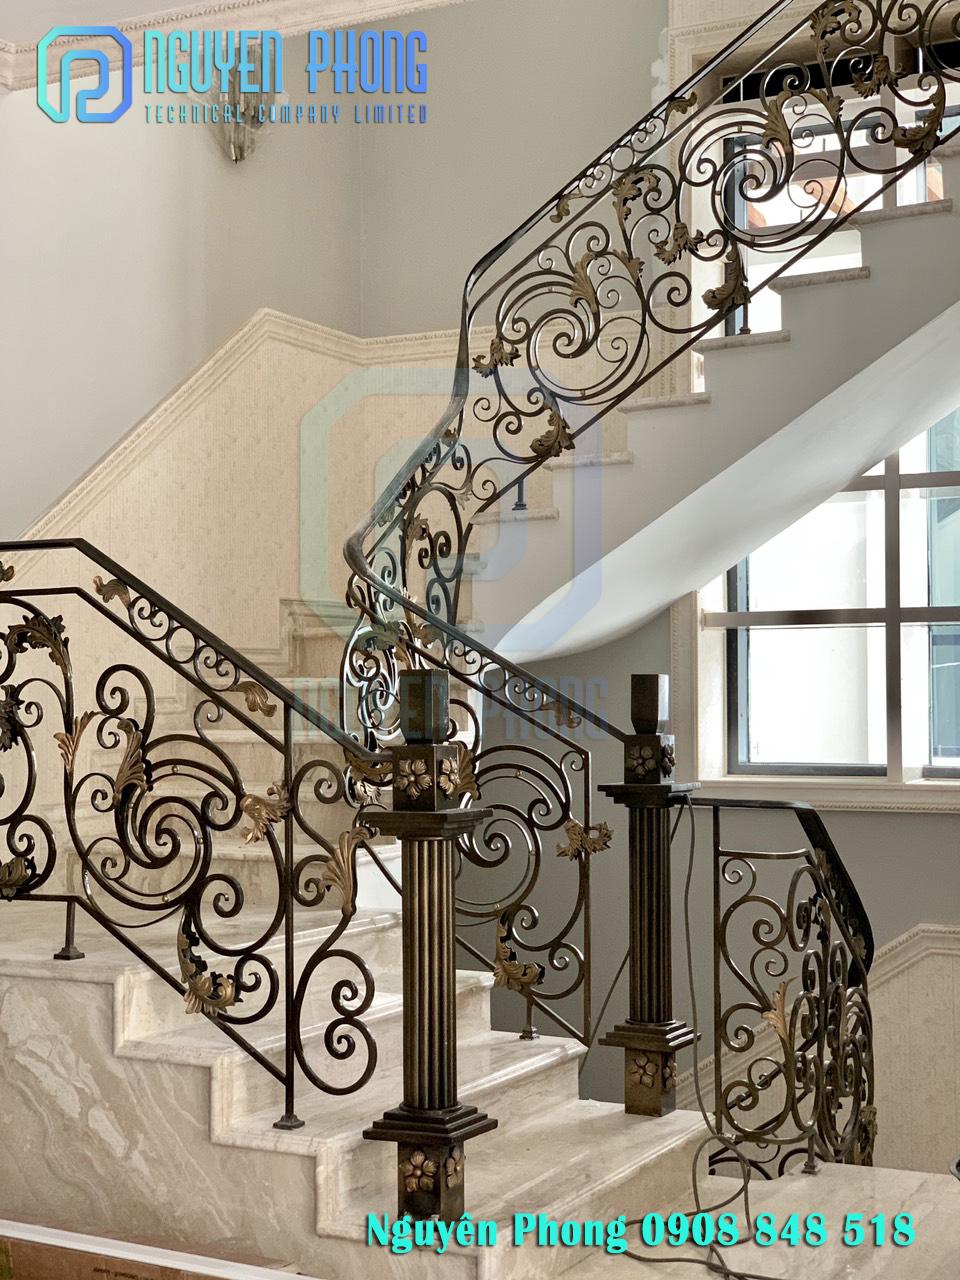 Cung cấp, thi công cầu thang sắt uốn mỹ thuật đẹp nhất cho biệt thự, nhà phố